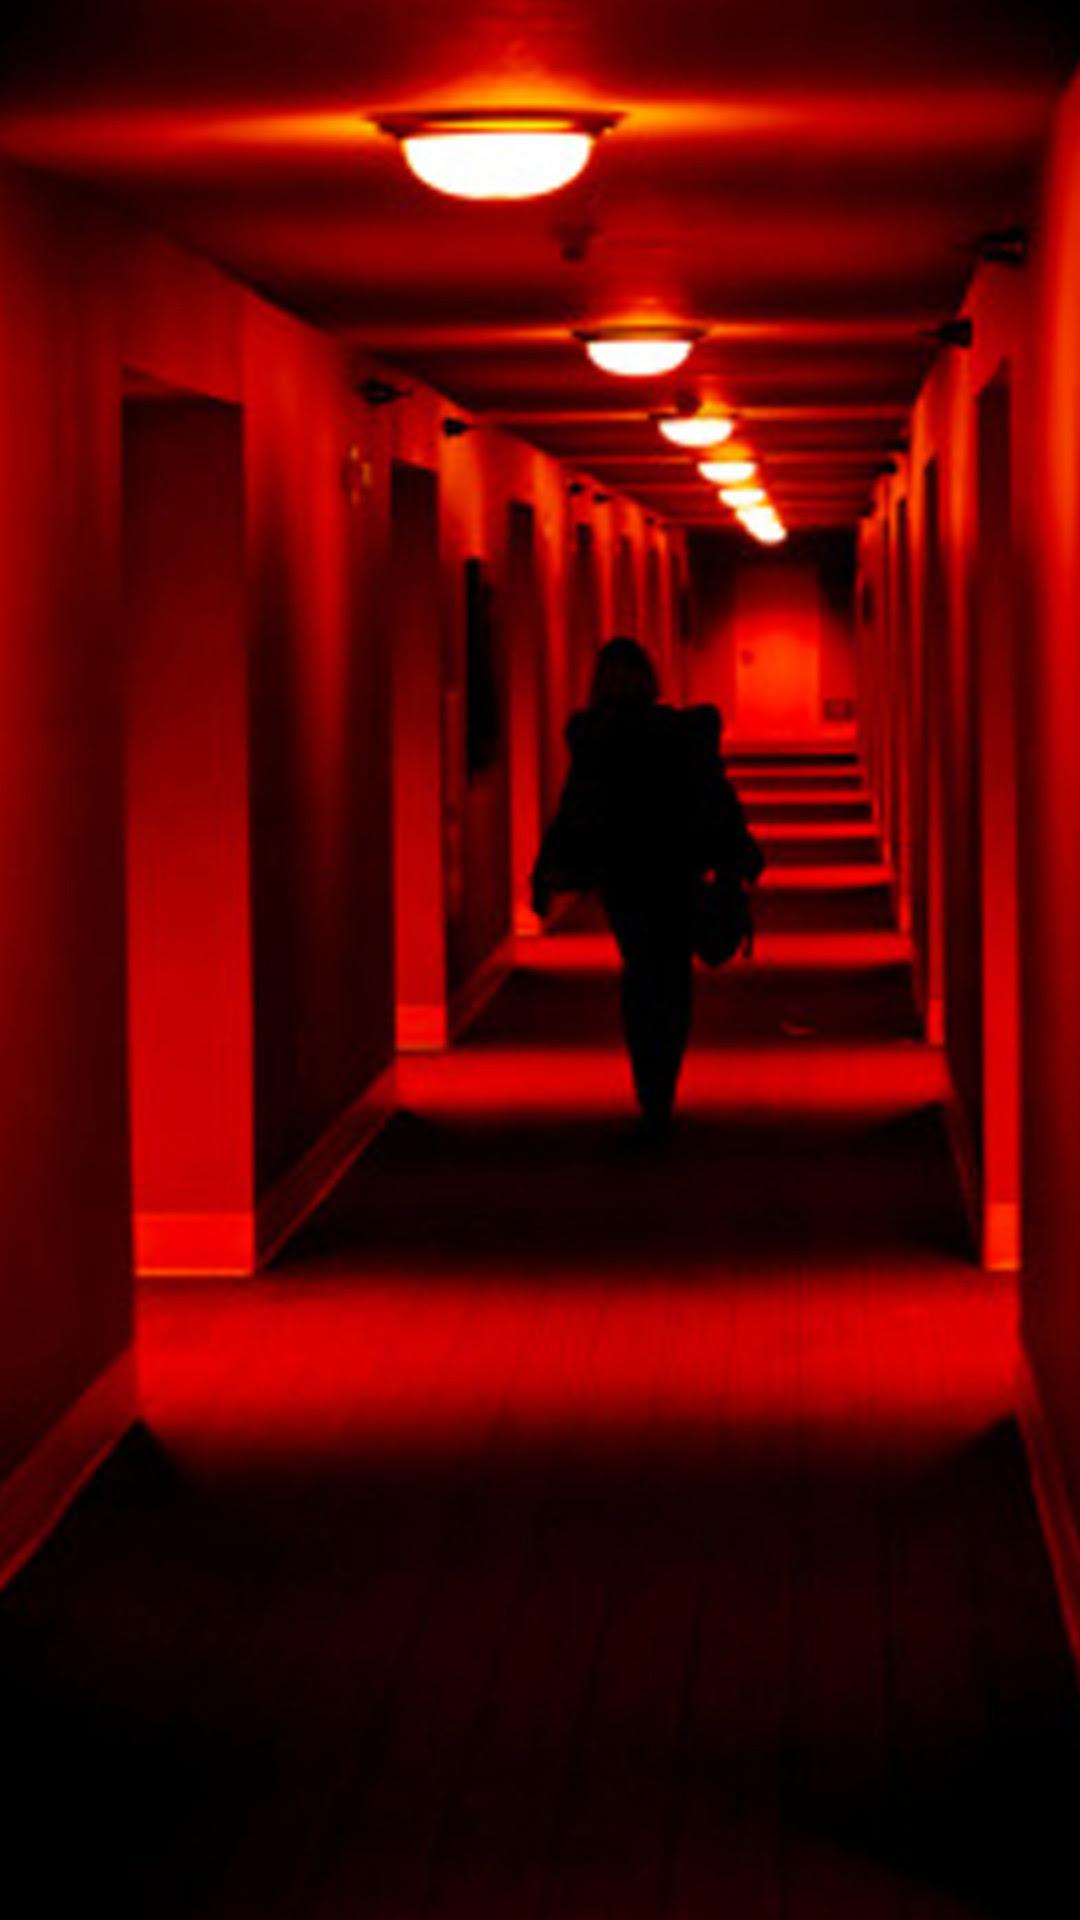 Download 7000 Wallpaper Tumblr Red Iphone HD Terbaik